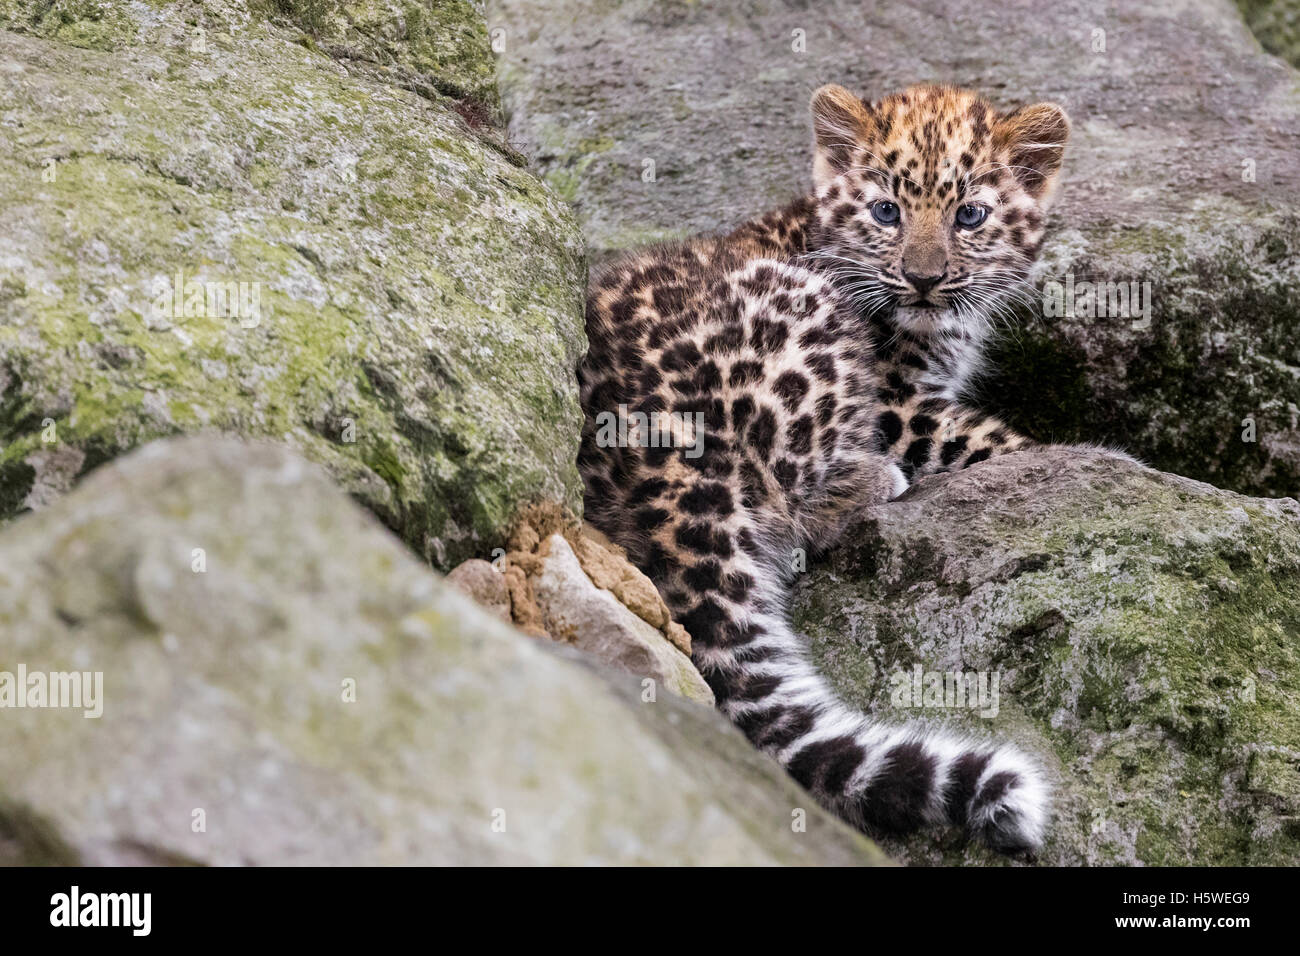 Amur leopard cub - Stock Image